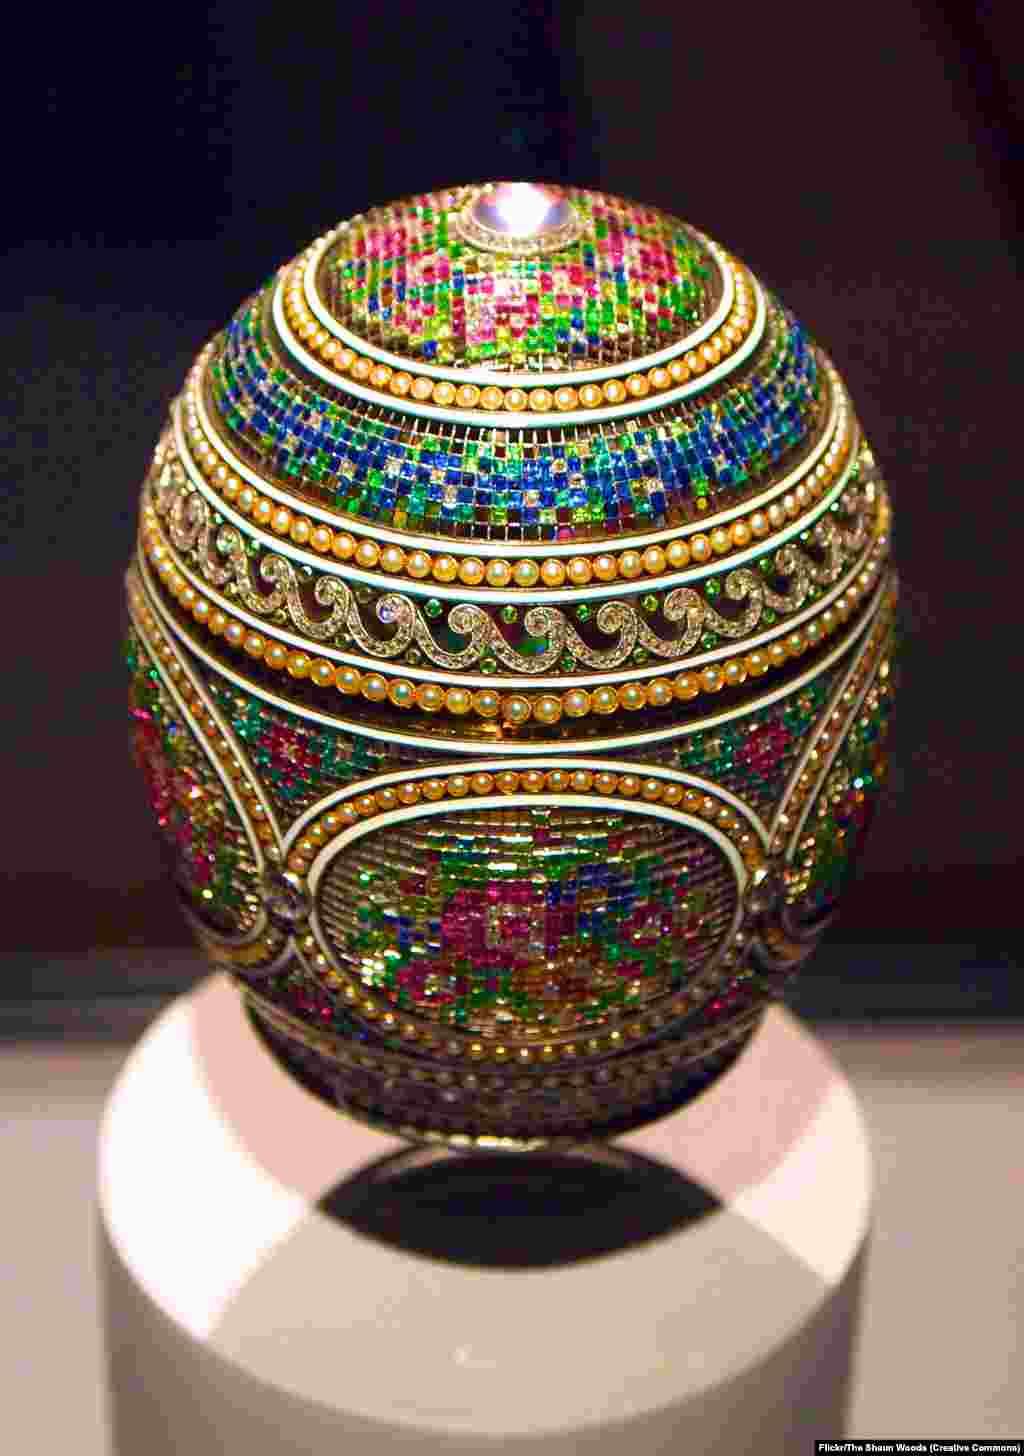 """""""Мозаичное"""" яйцо. В России существует традиция преподносить в качестве подарков к Пасхе декорированные яйца как символ весеннего возрождения и плодородия. Цари и их ювелиры обратили эту православную традицию в захватывающее искусство."""